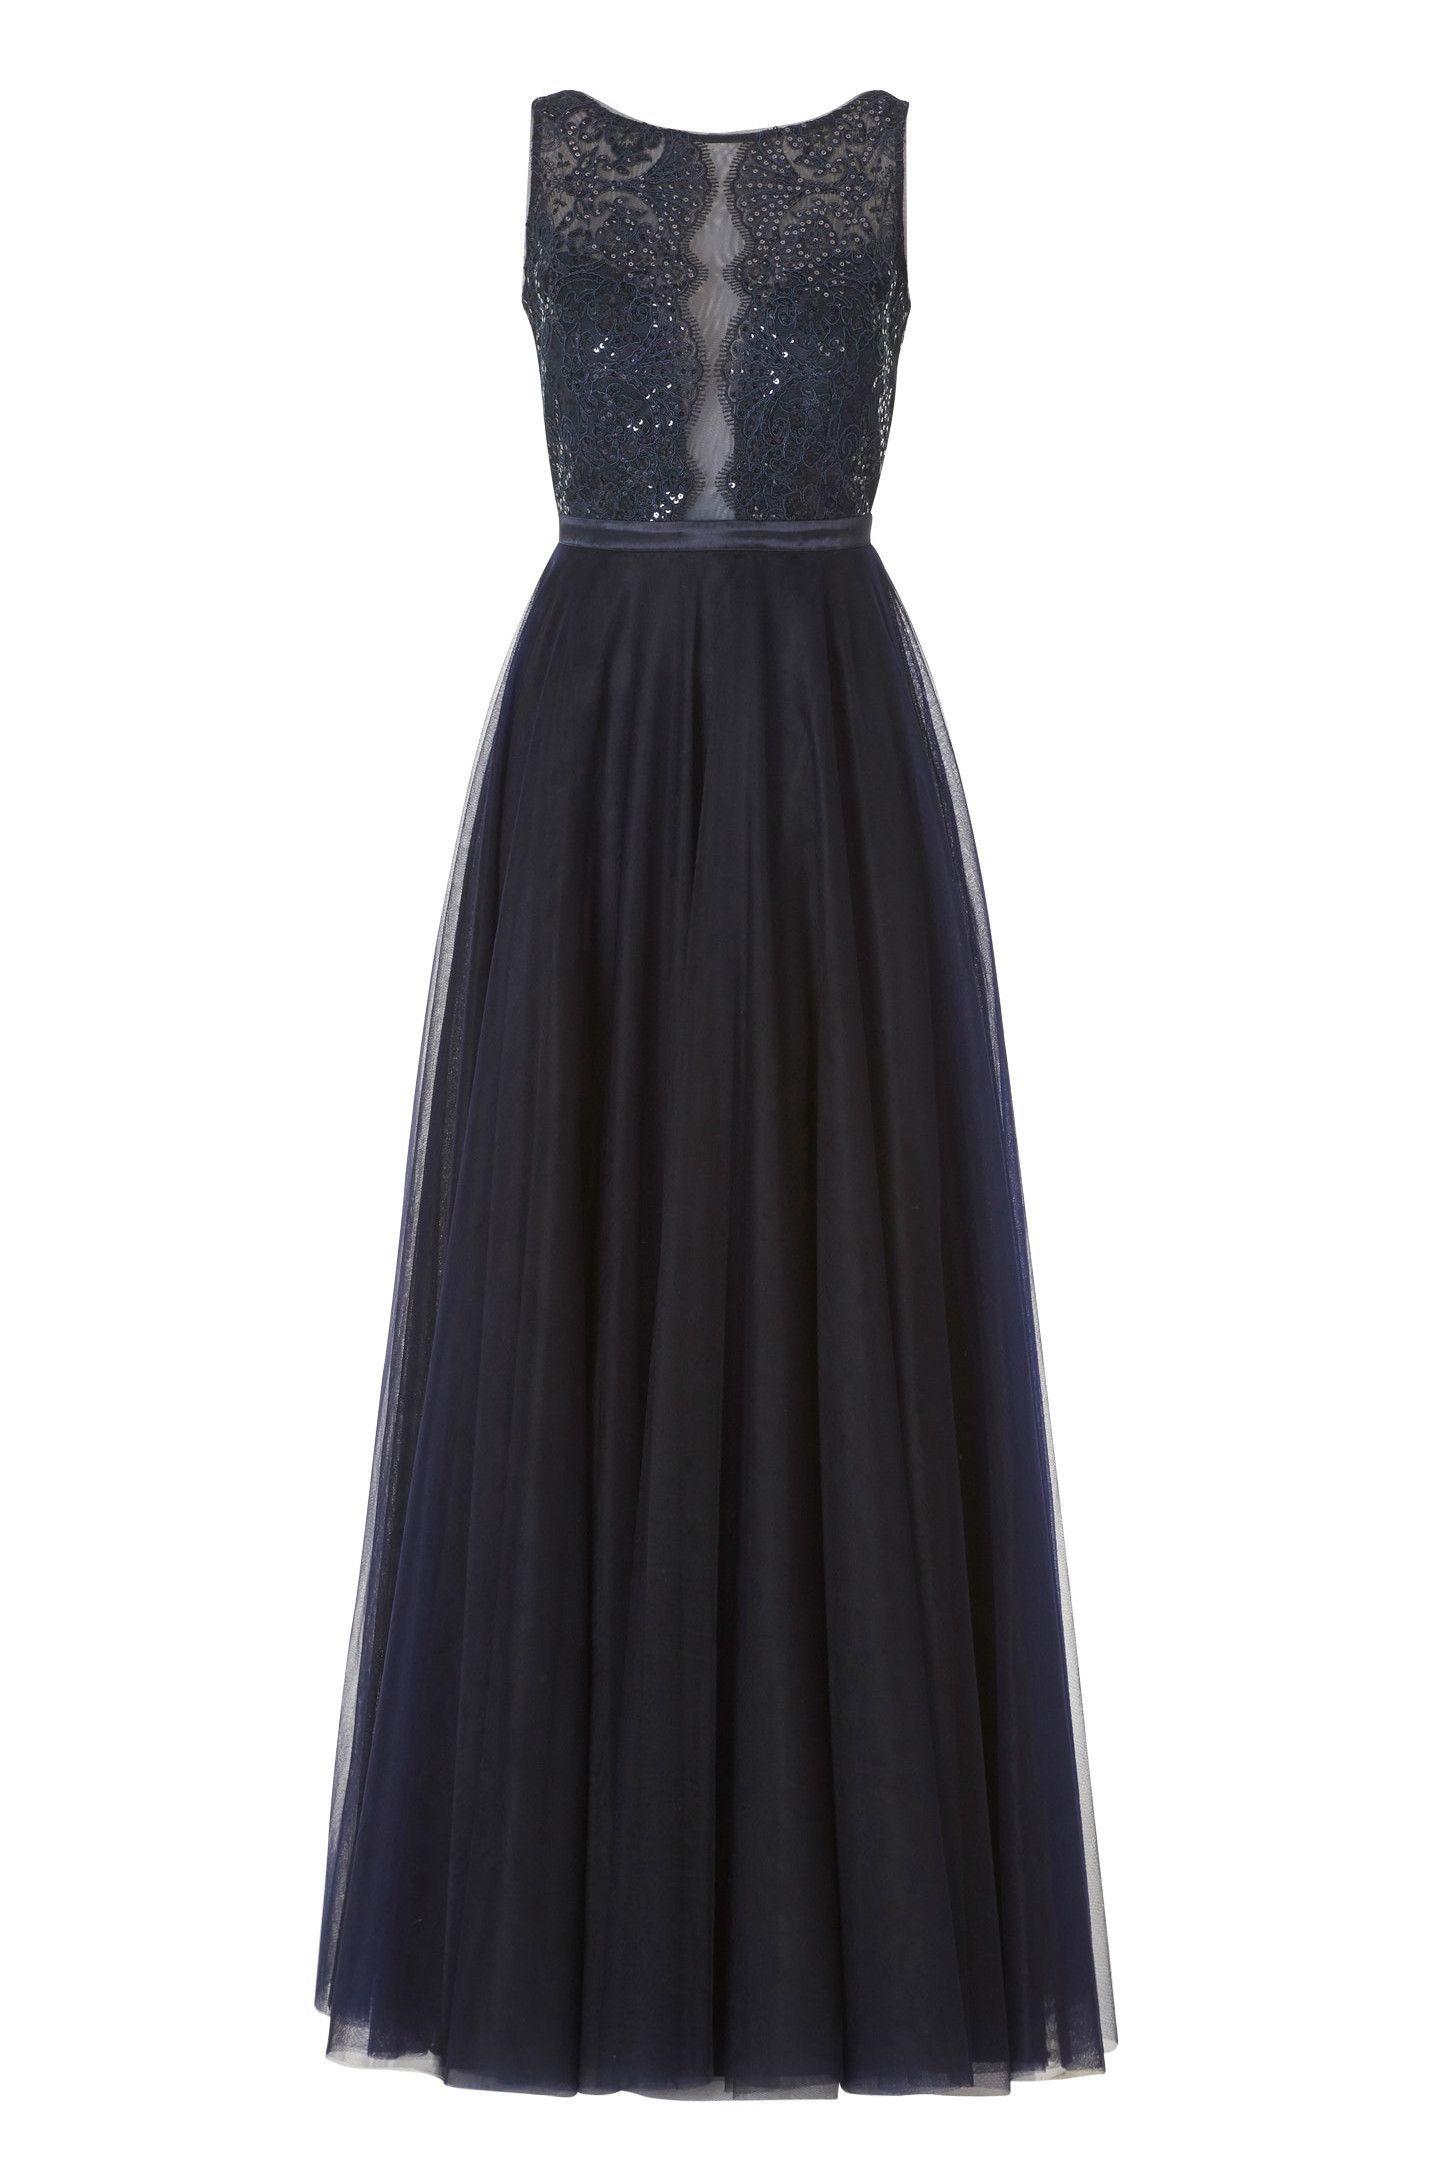 Langes Kleid Dunkelblau Tüll Spitze Vera Mont in 14  Abendkleid